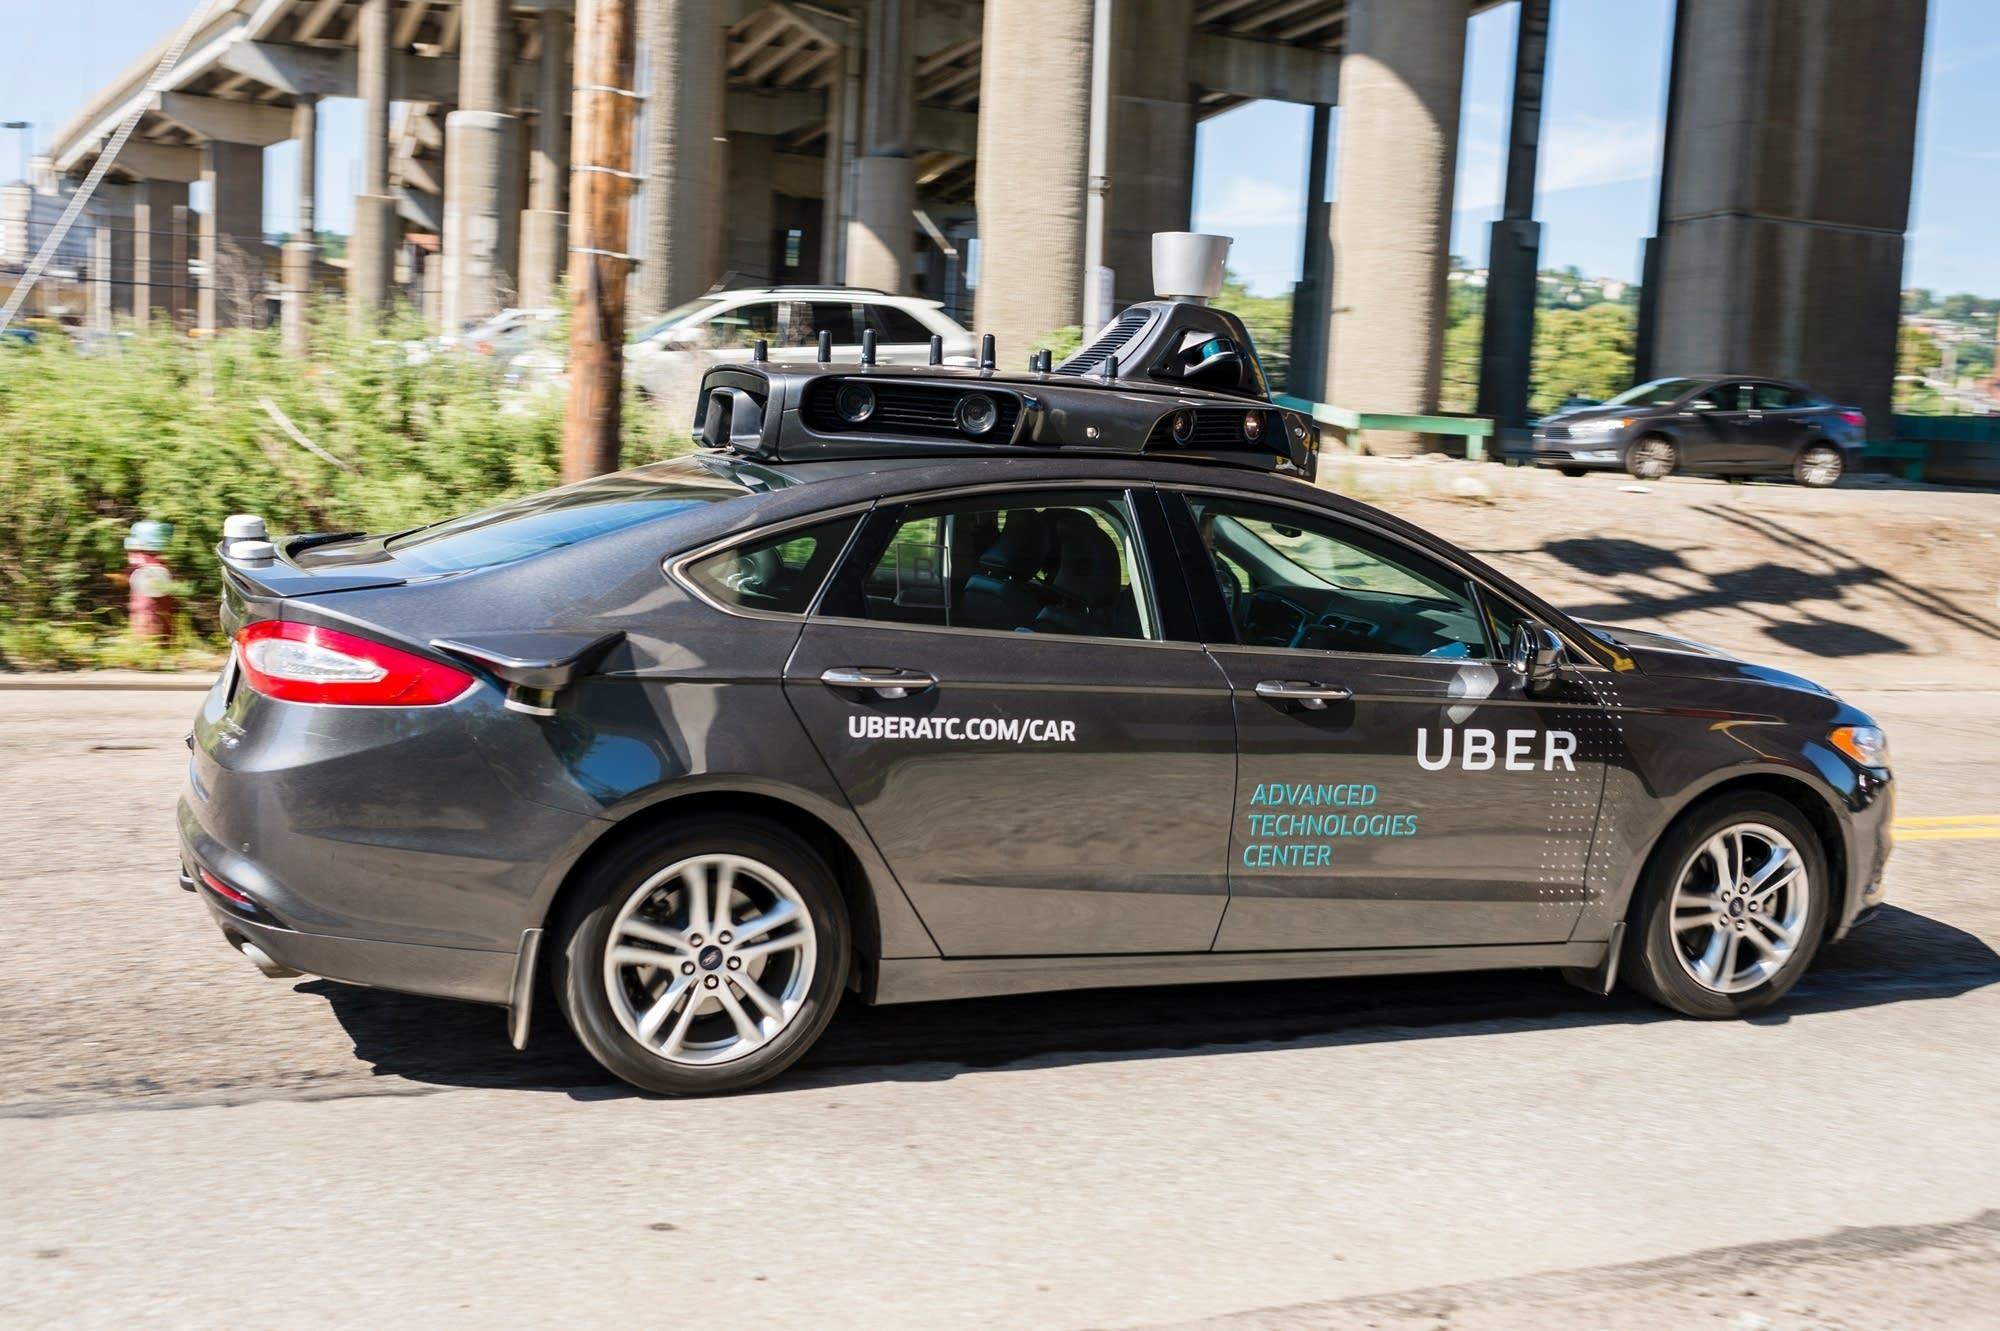 A pilot model of an Uber self-driving car